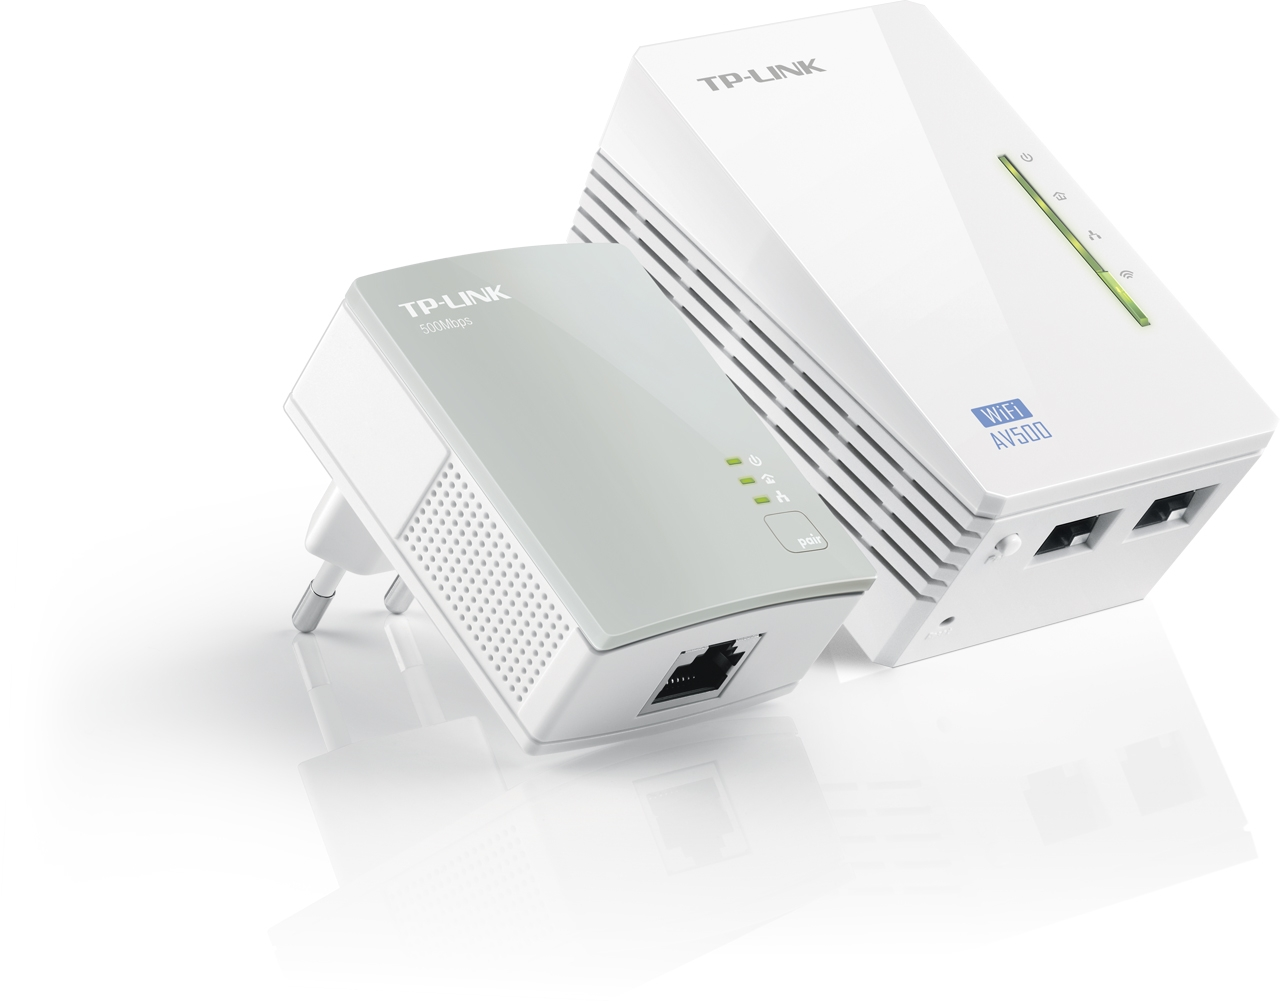 Kit Extenseur CPL AV500 Wi-Fi N 300